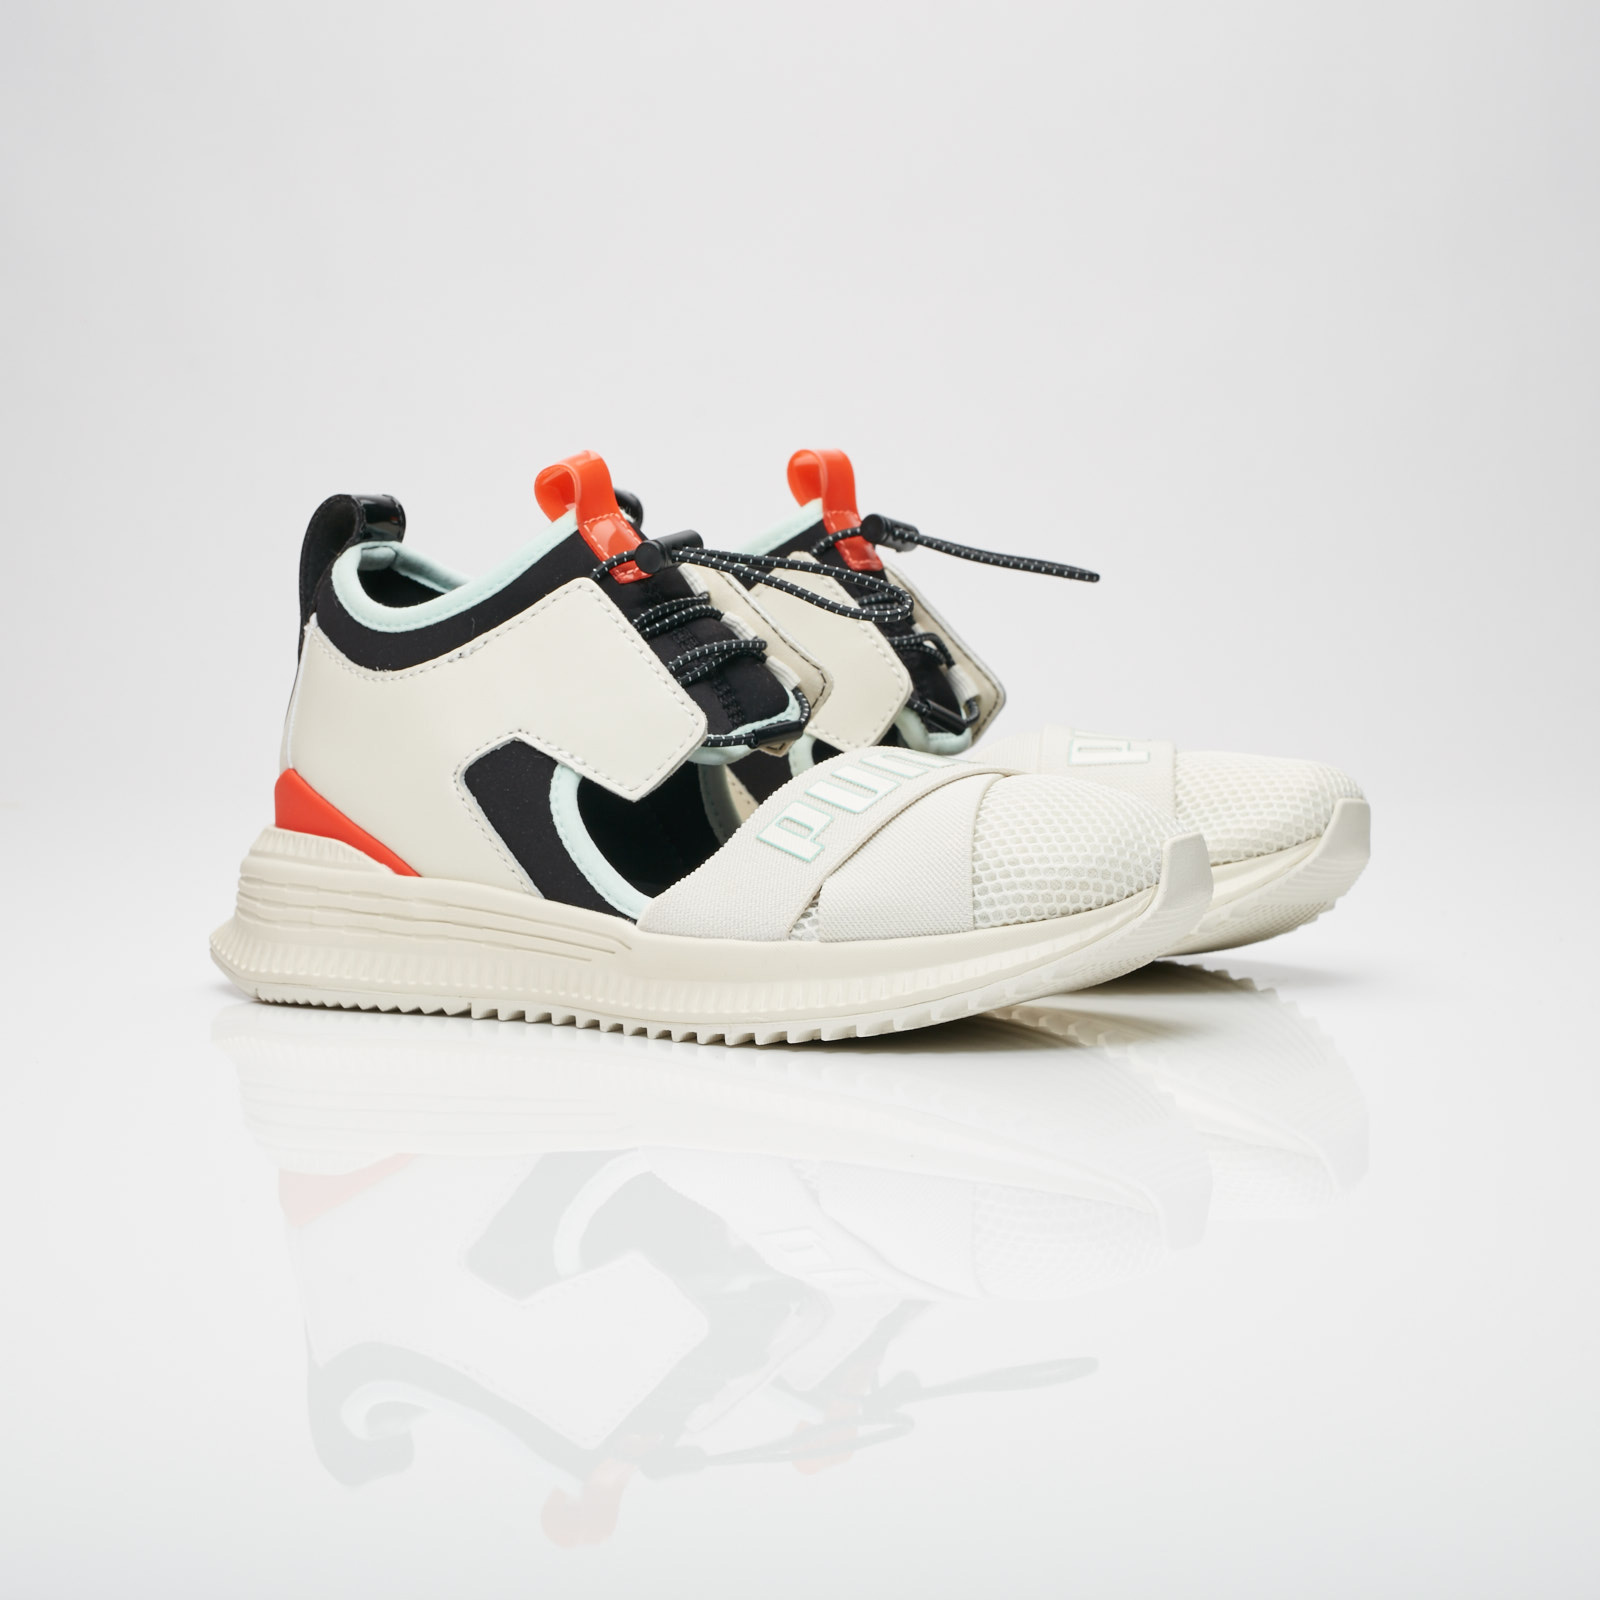 pretty nice e301d dbd48 Puma Fenty Avid Wns - 367683-04 - Sneakersnstuff | sneakers ...